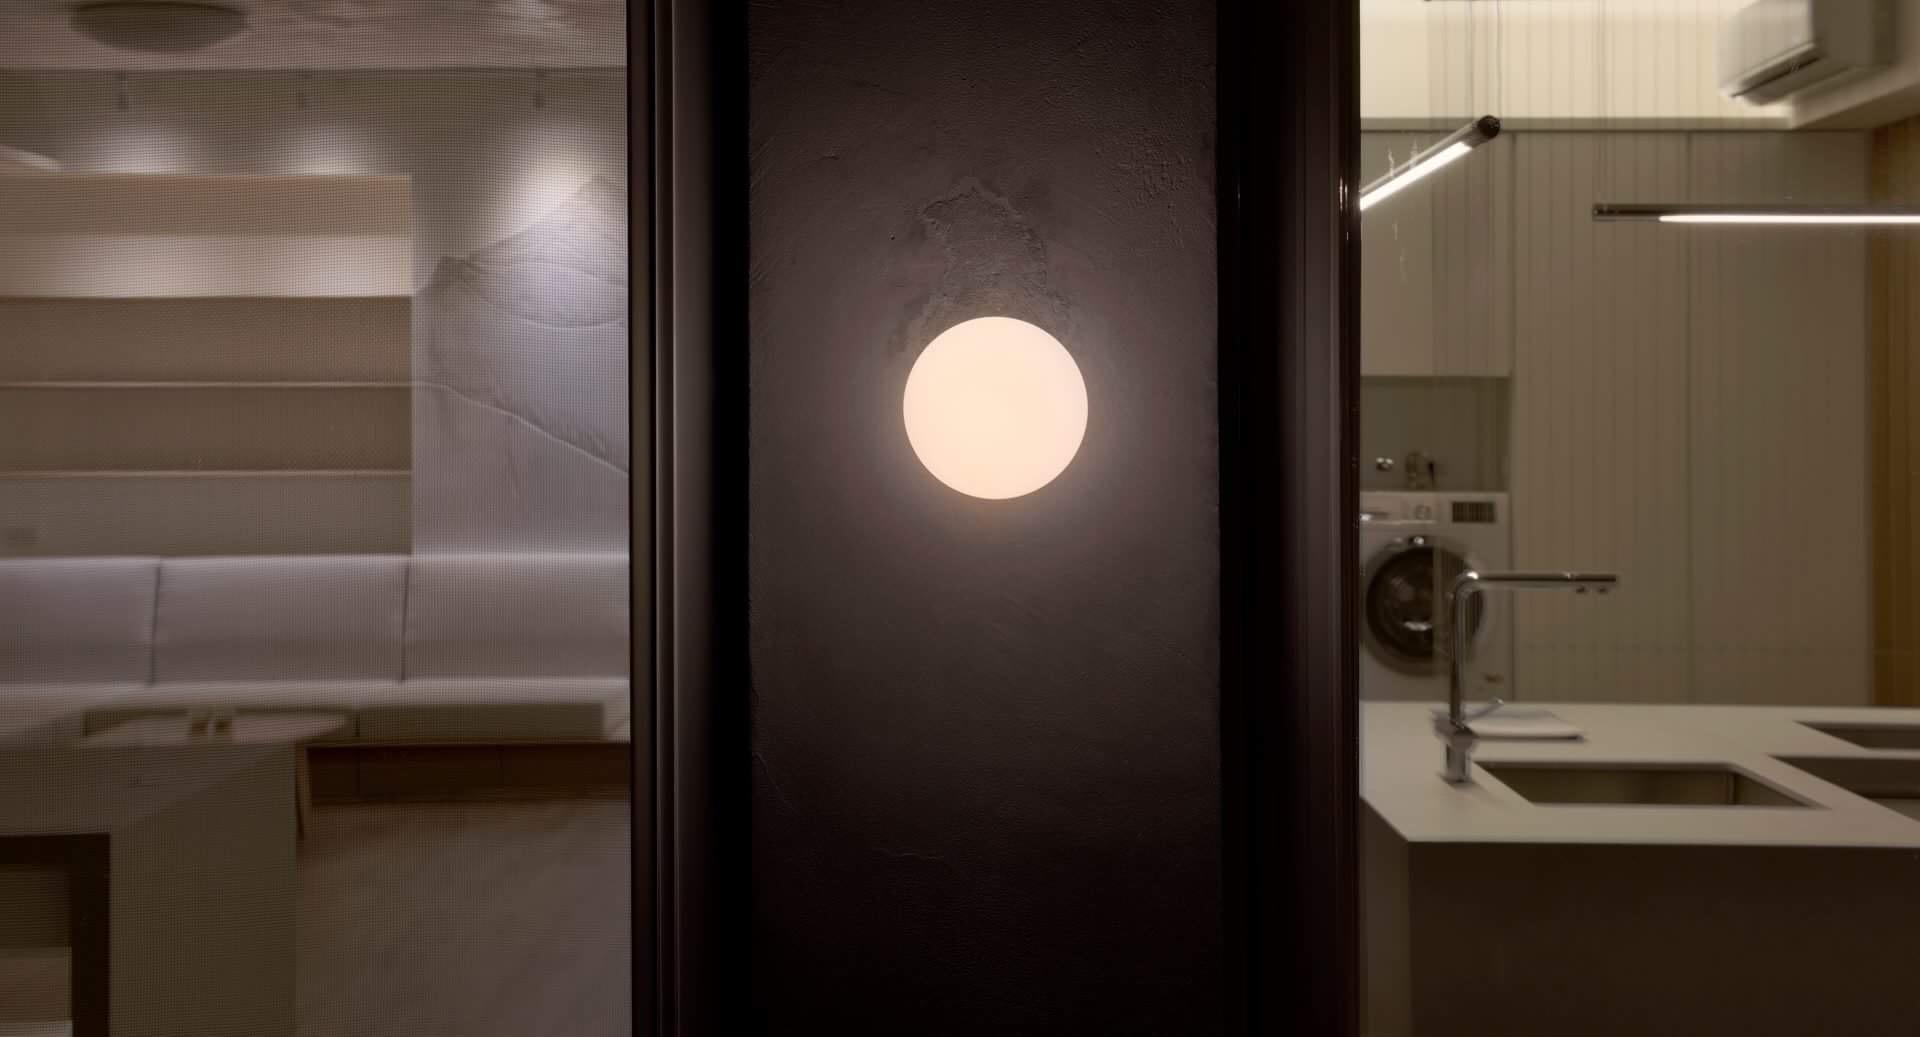 大陽台的小圓燈像天台上的月亮,陪伴我們渡過寒夜,卡希納, Flos